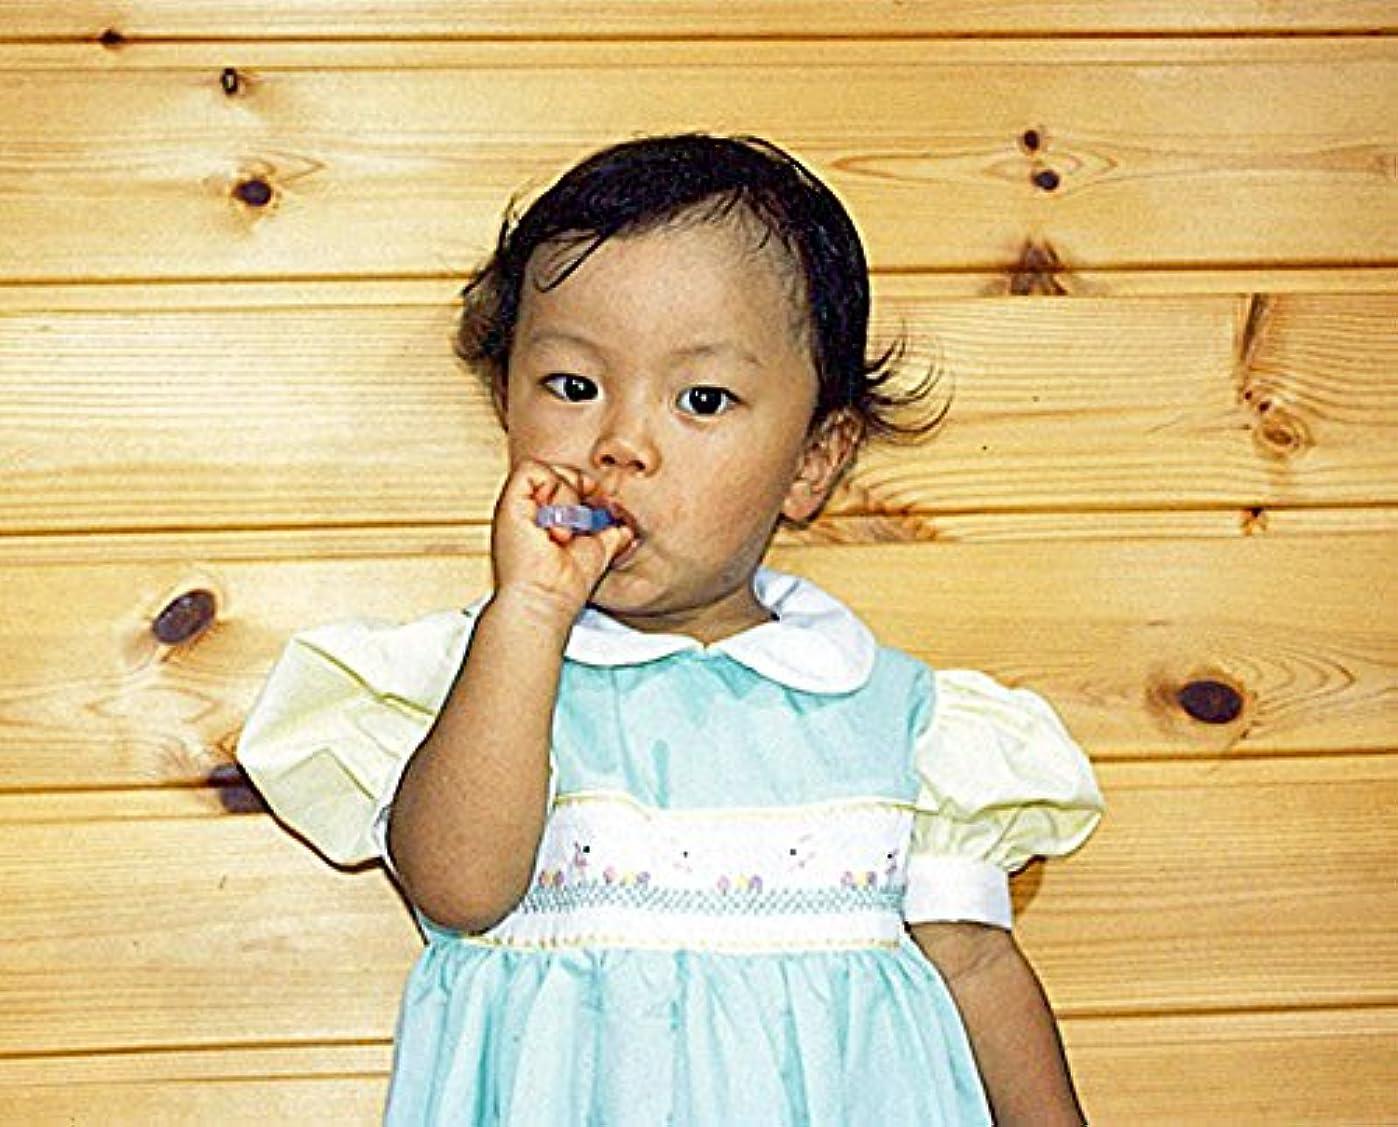 オーラルケア 歯ブラシ カミカミソフト歯ブラシ ブルー/ピンク 2個組み